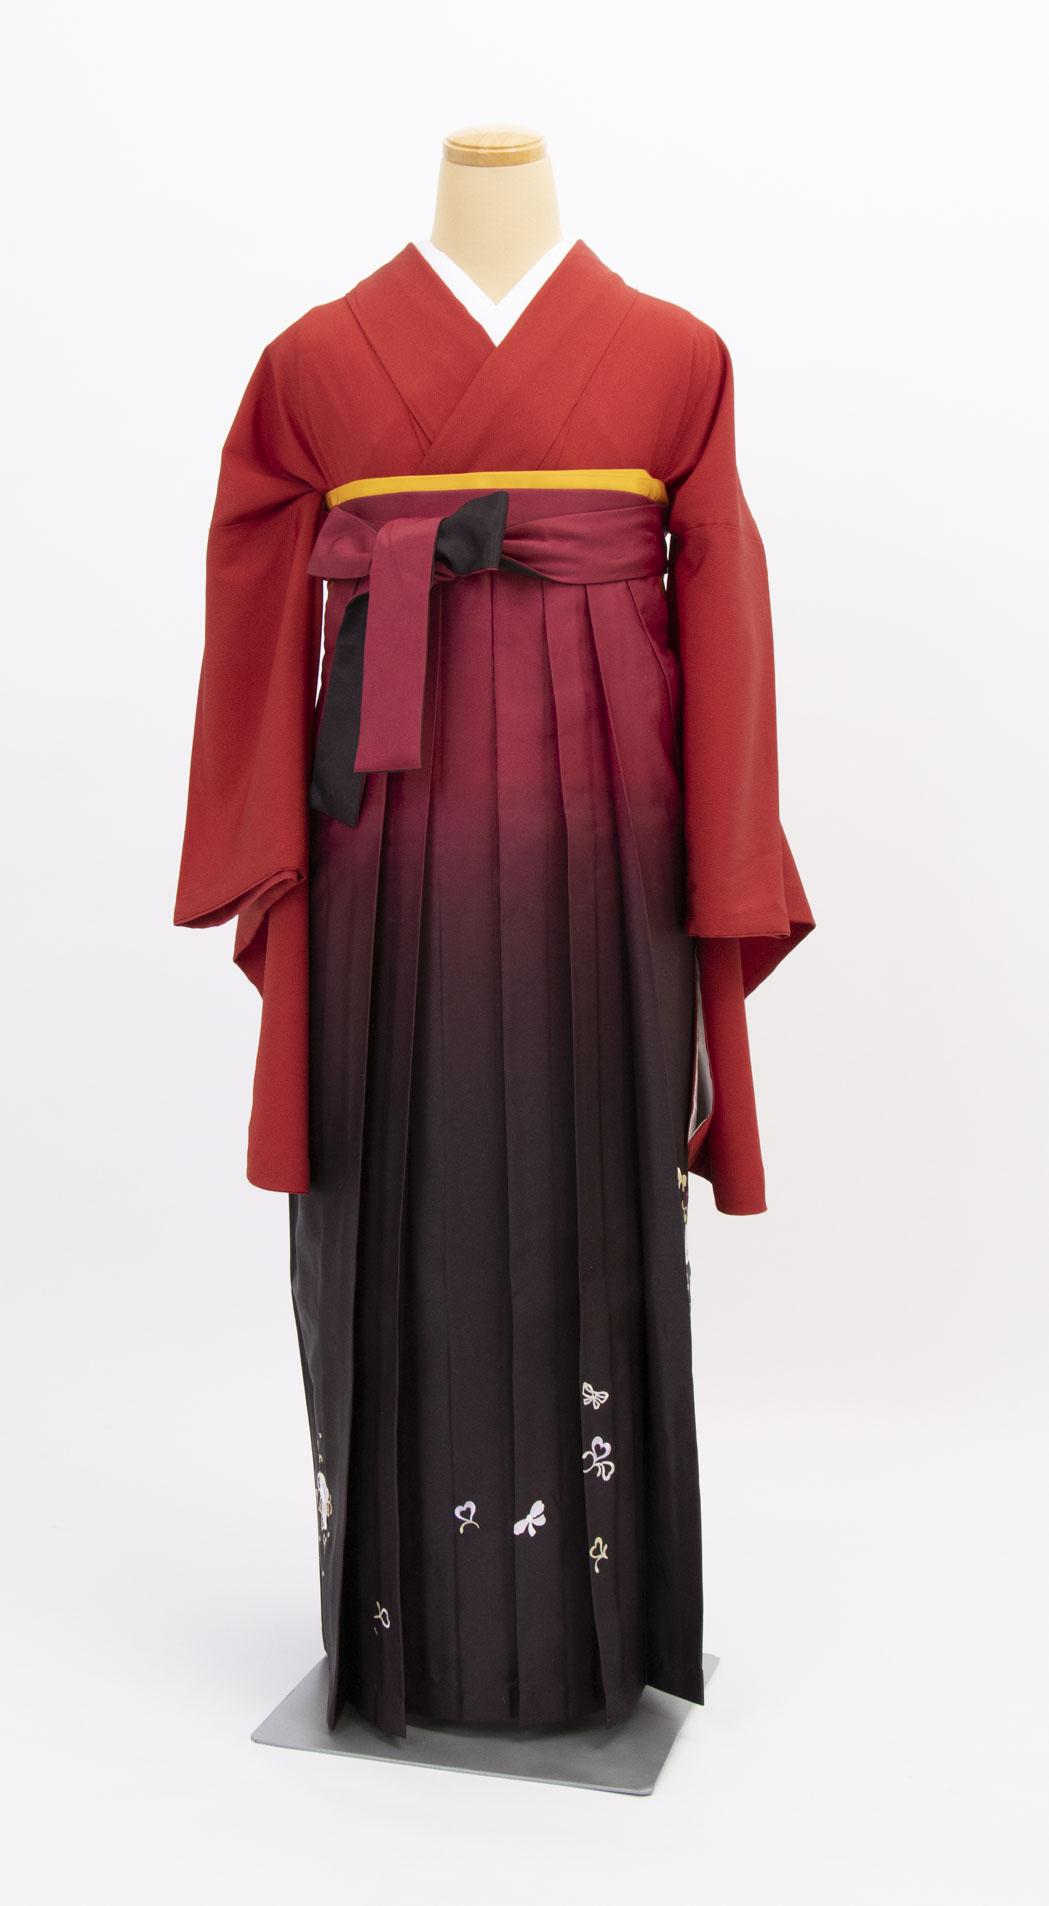 袴 着物 卒業式 撮影